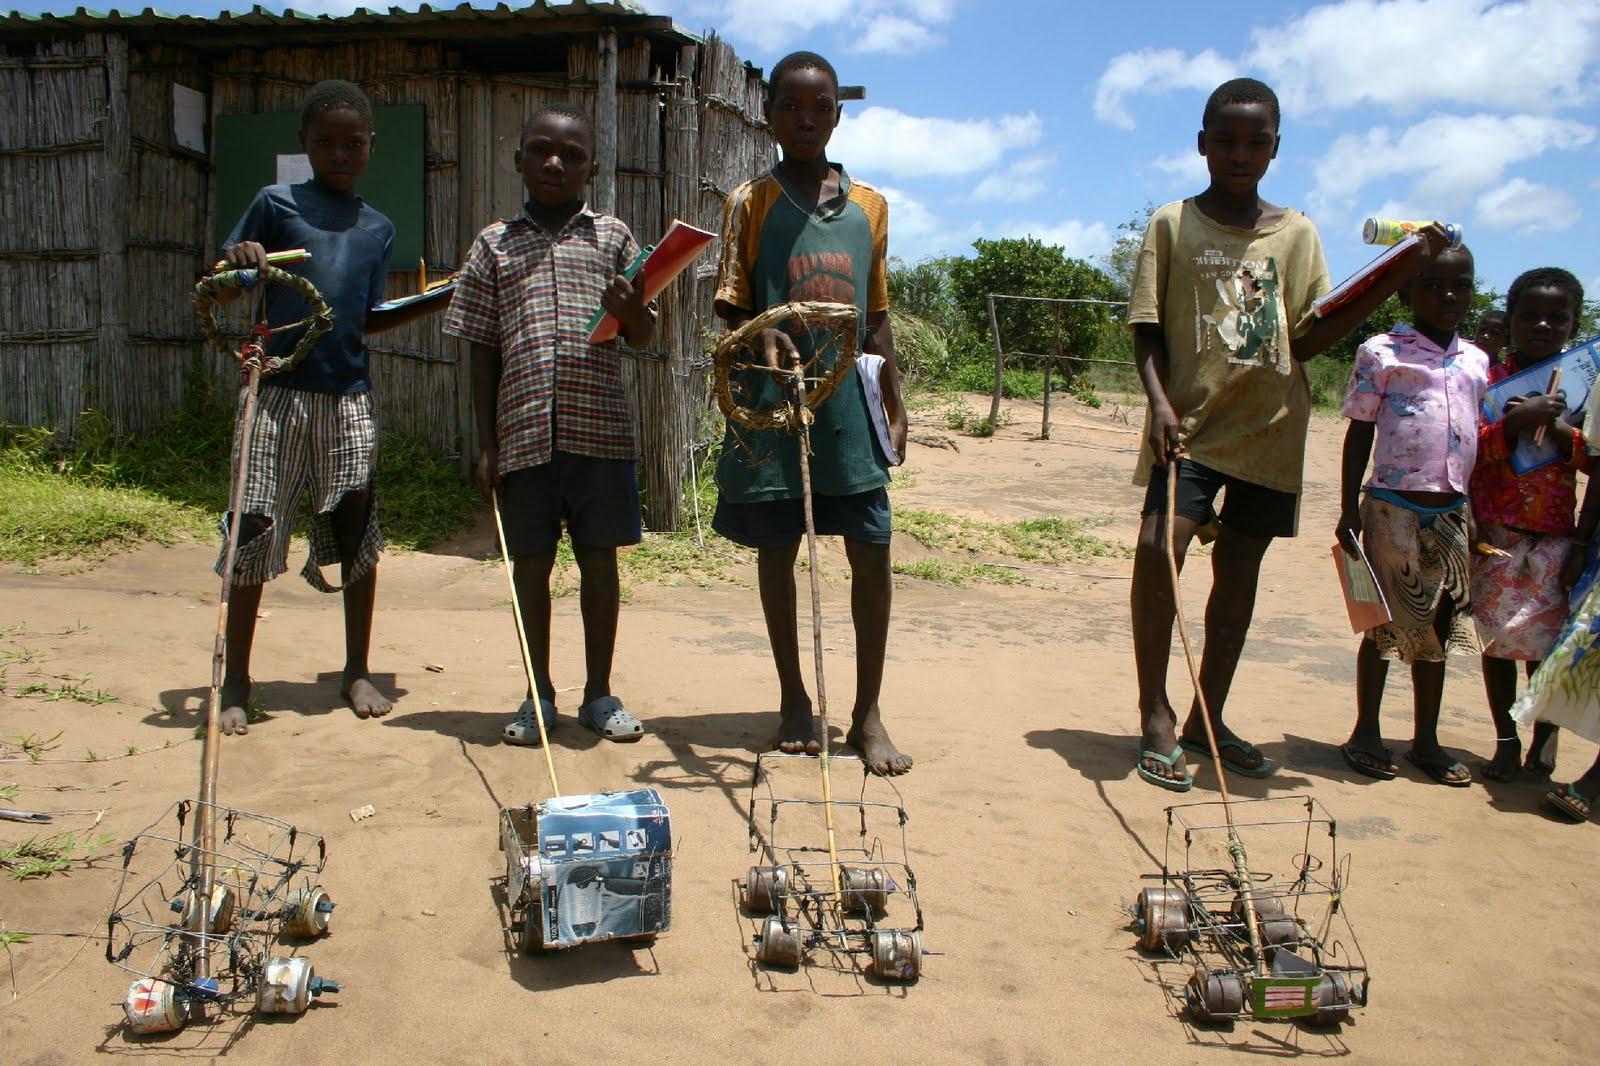 A Little School In Africa